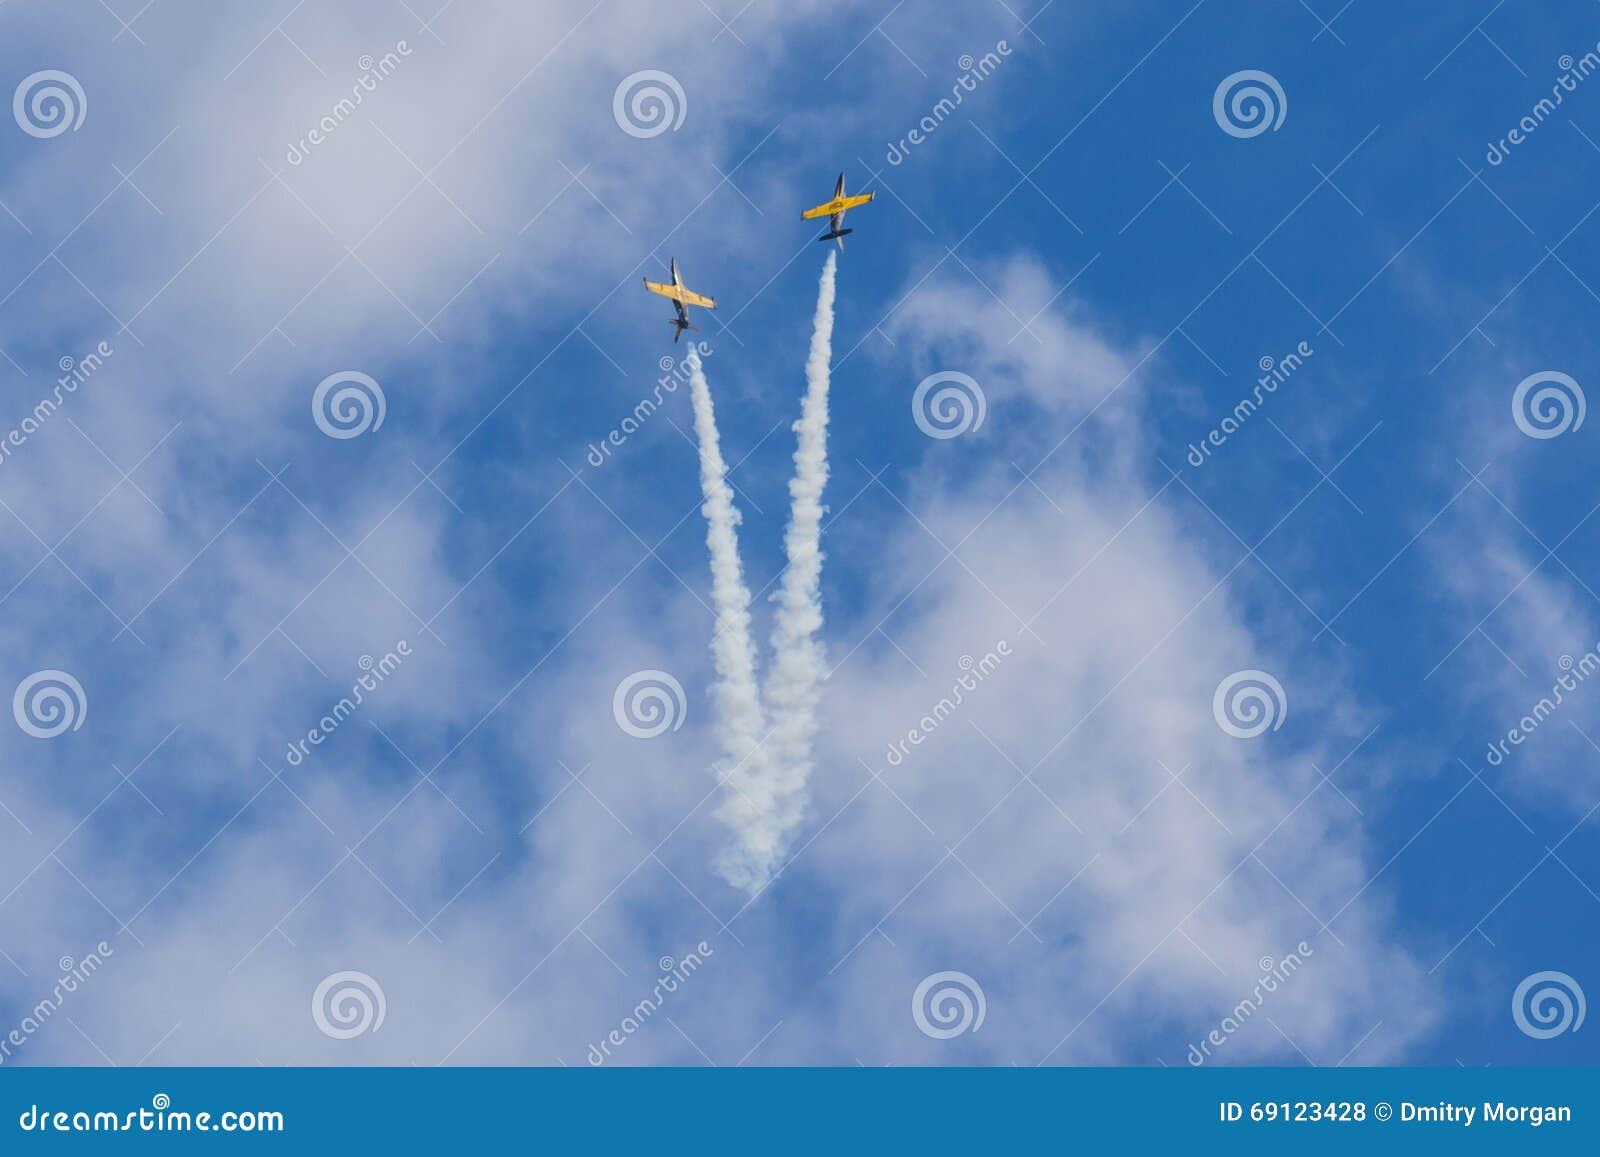 Acrobatische Stuntvliegtuigen RUS van Aero l-159 ALCA op Lucht tijdens Luchtvaartsportevenement Gewijd aan de 80ste Verjaardag va